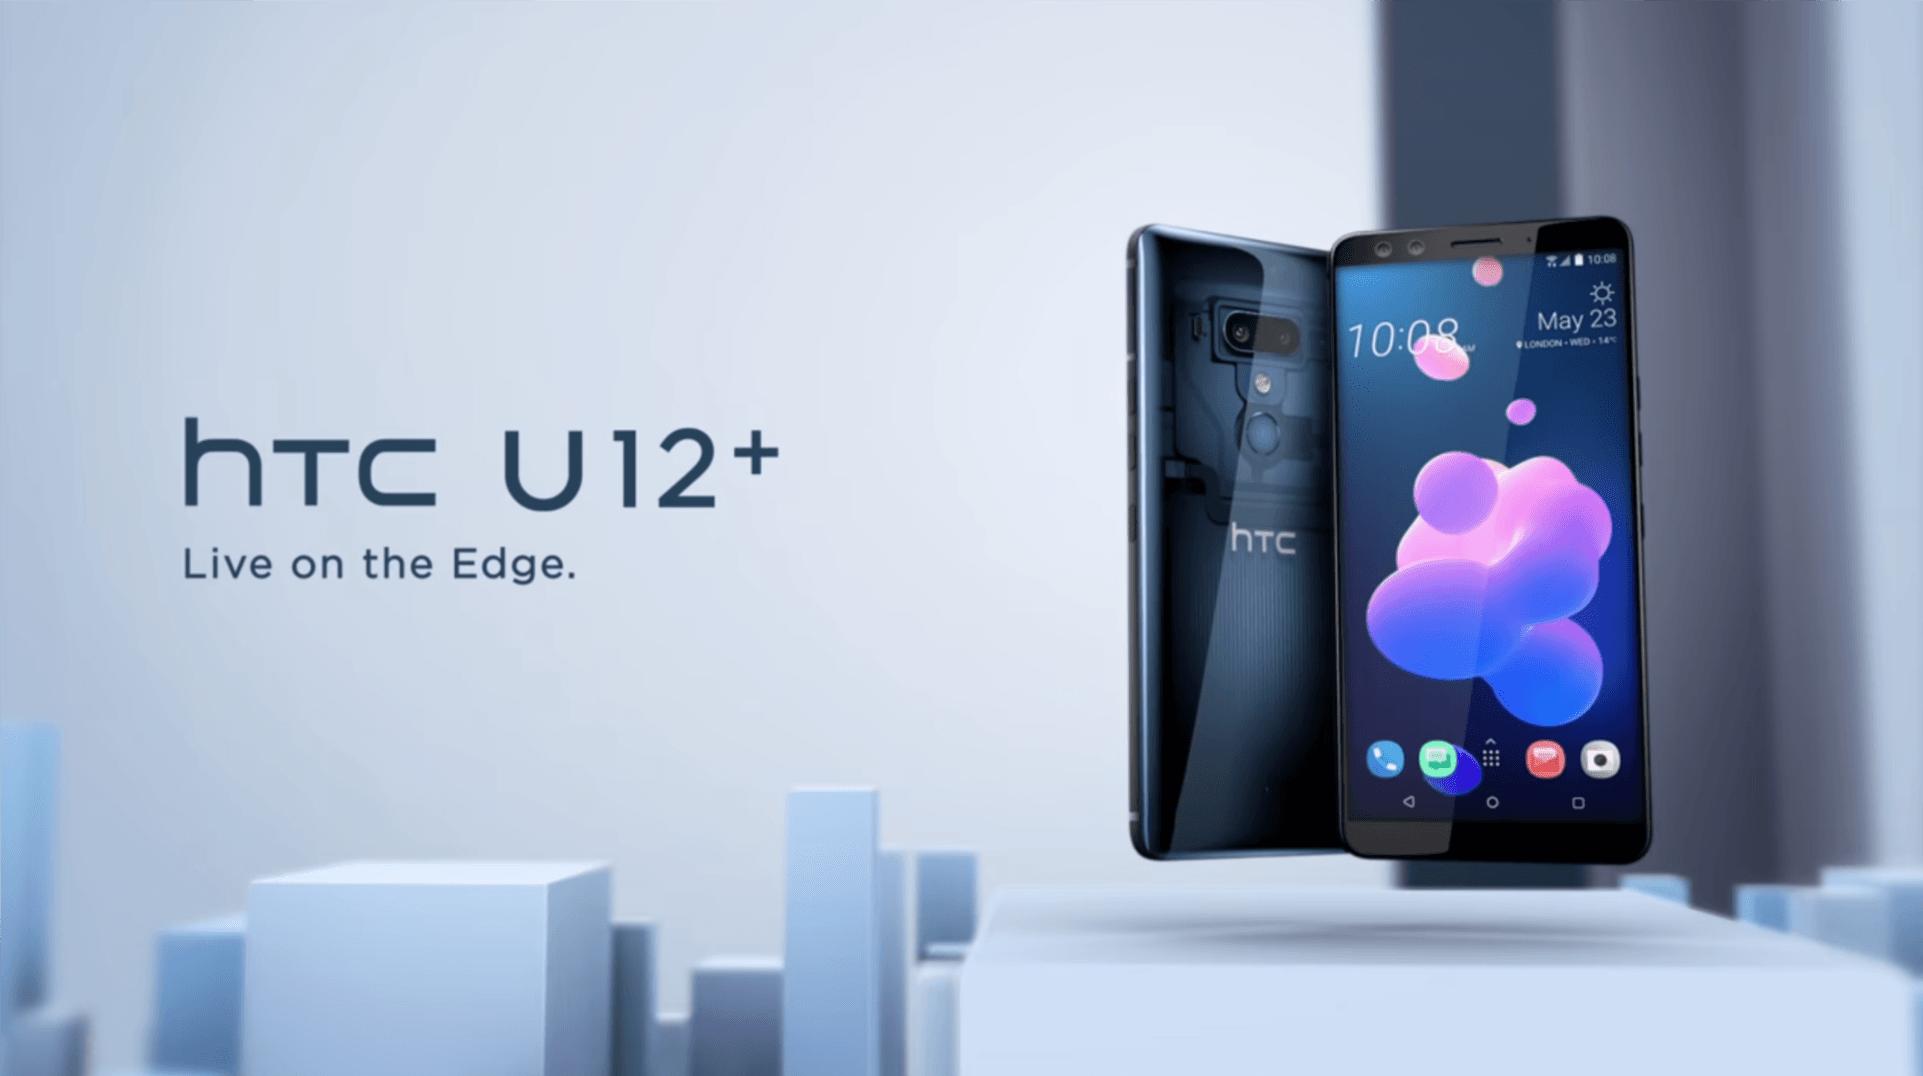 Tabletowo.pl Co HTC dorzuca do nowego U12+ w przedsprzedaży? Kindle'a. Dla moli książkowych jak znalazł HTC Smartfony